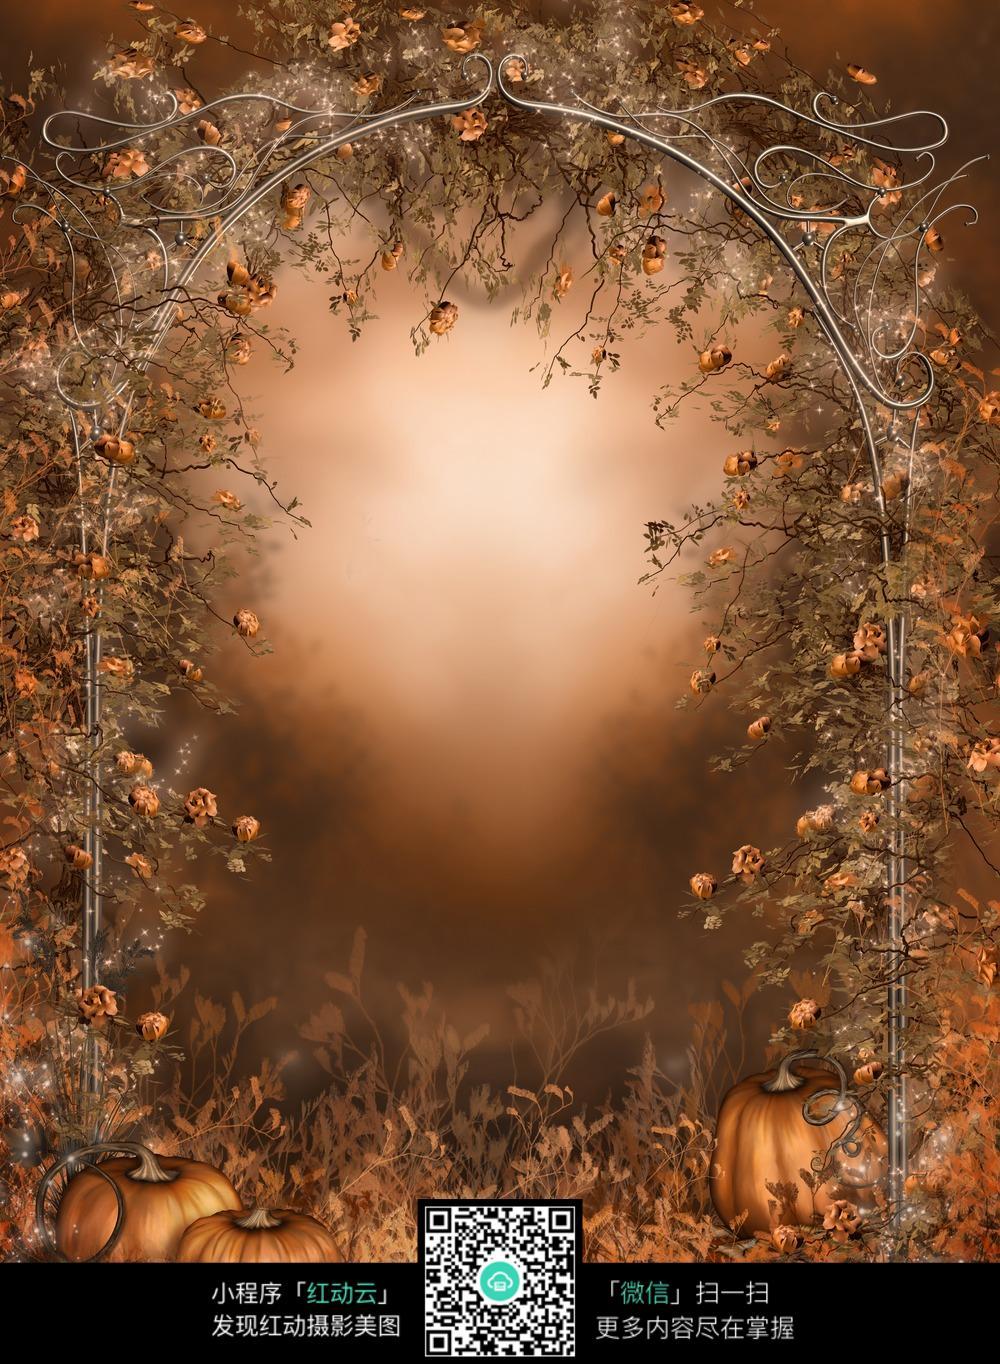 风_复古风万圣节主题数码背景画